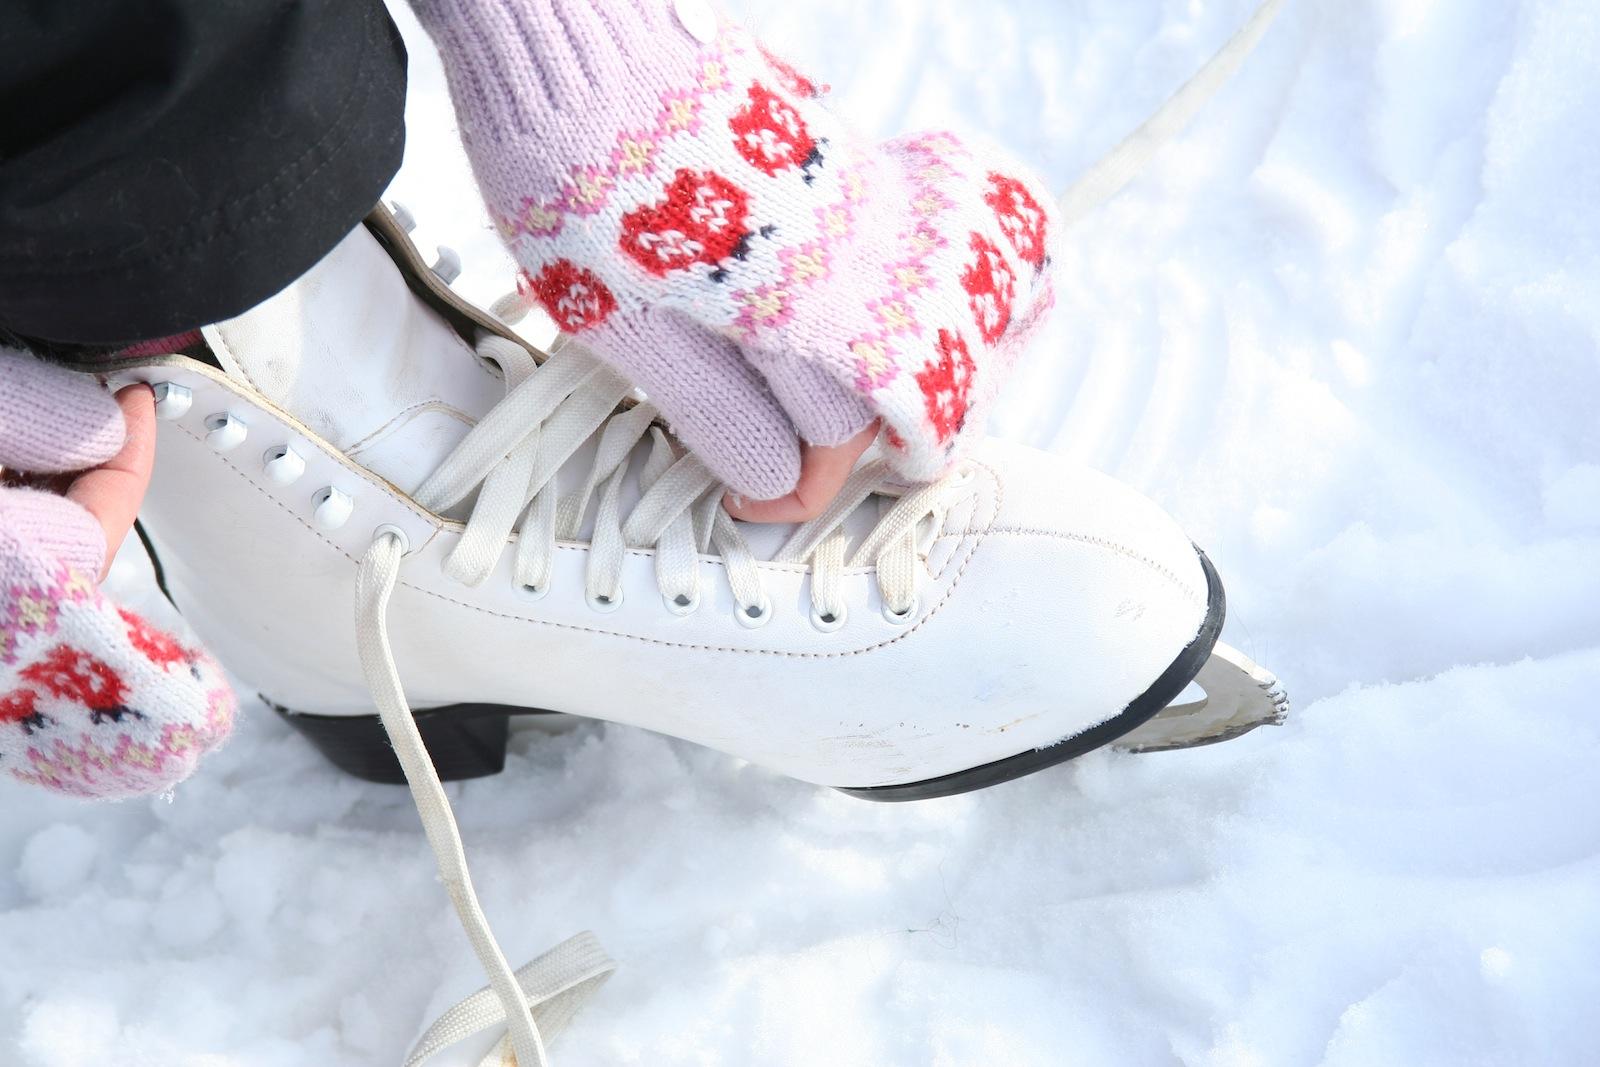 skating7.jpeg